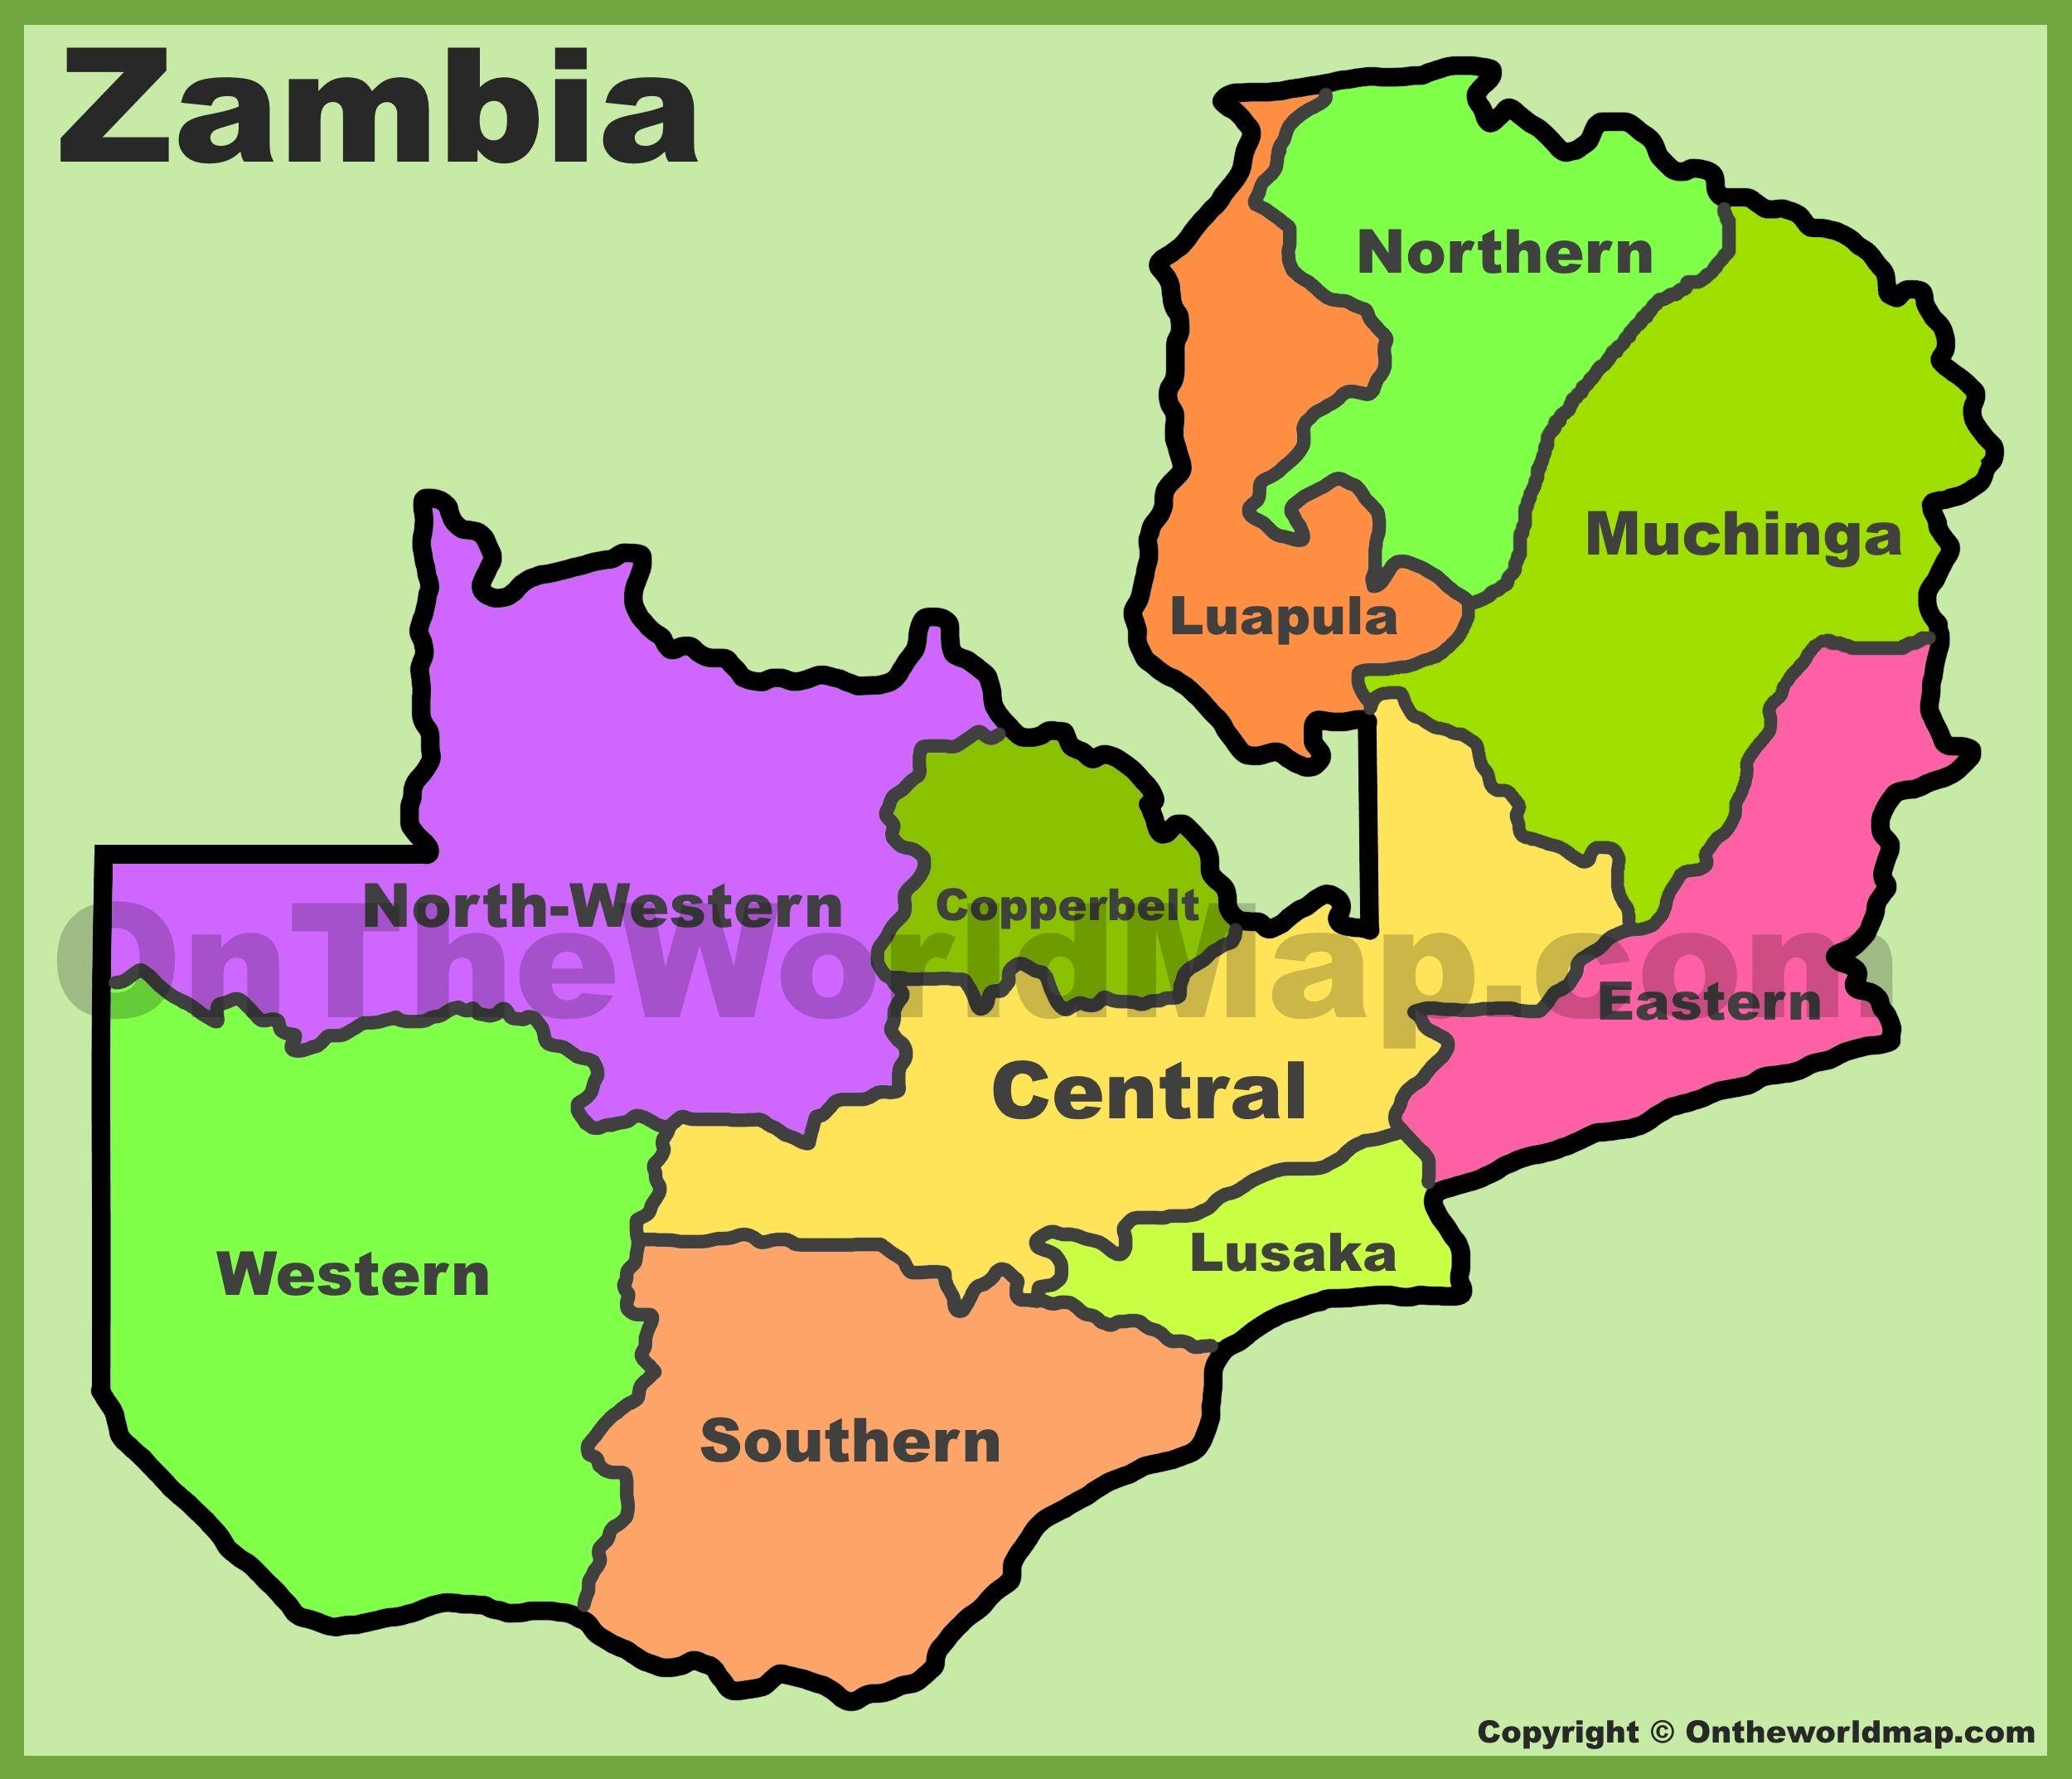 Zambia Maps Maps Of Zambia Christ Birthday Offering - Zambia map